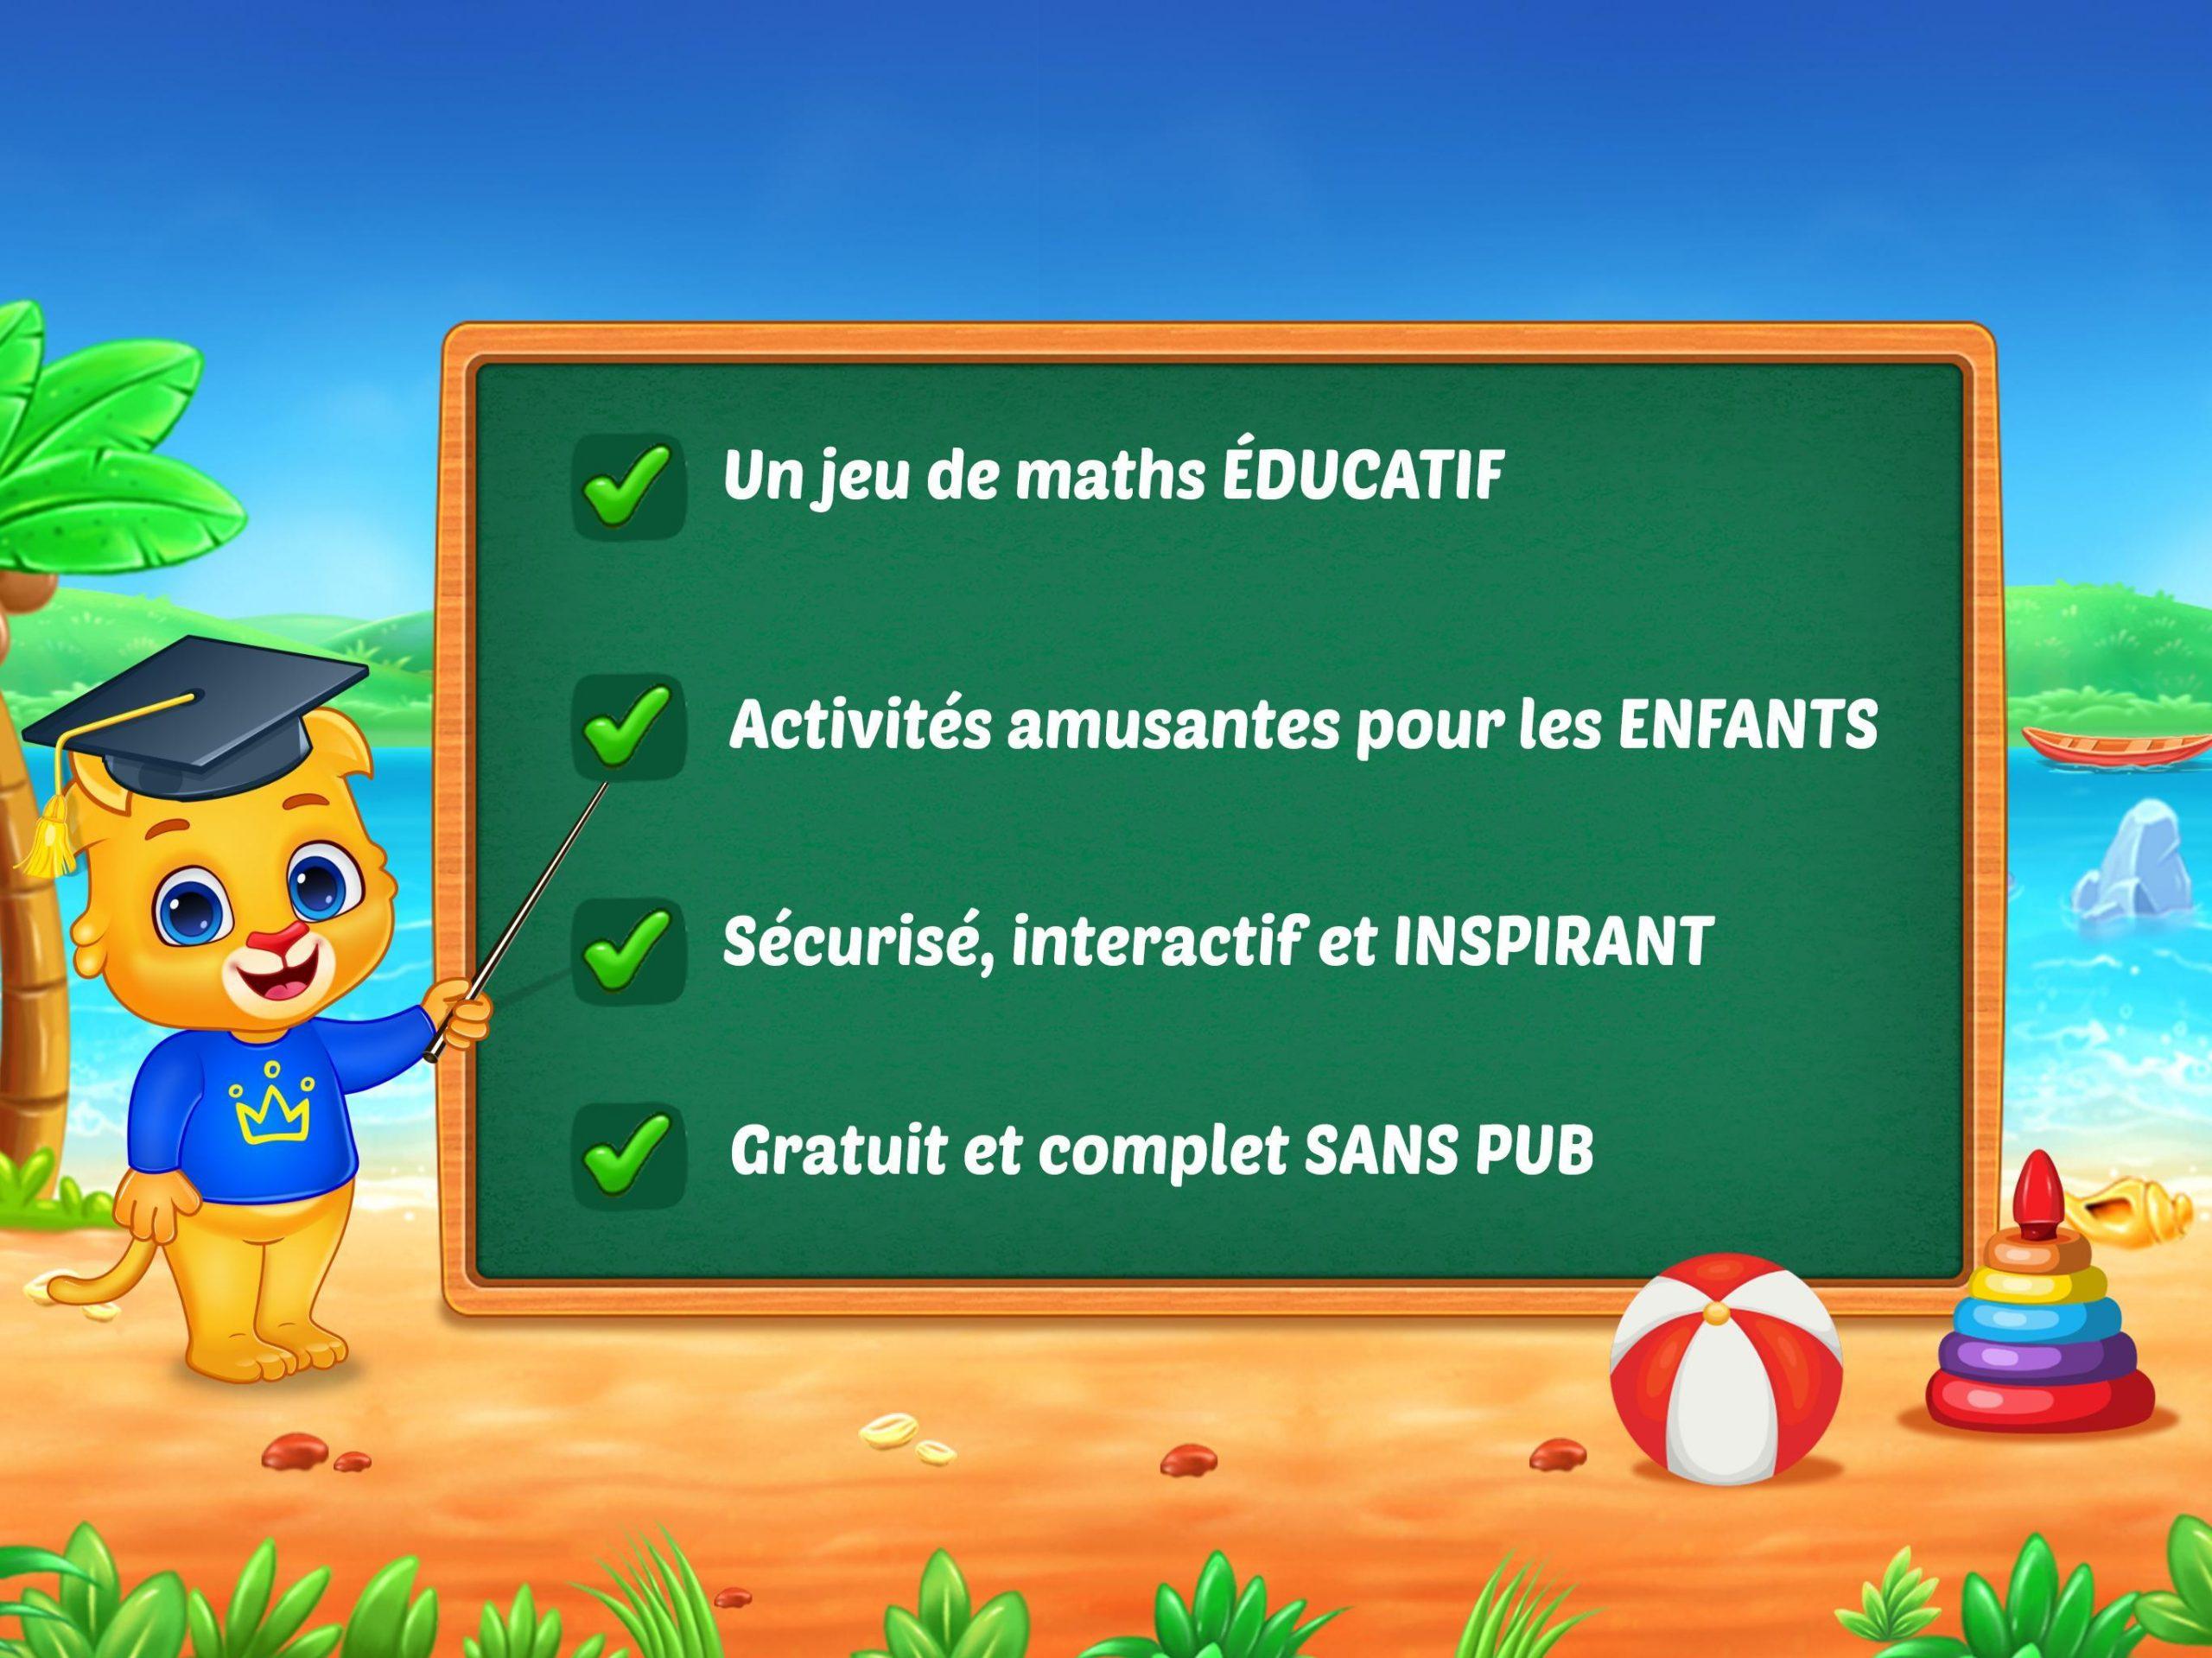 Jeux De Maths Enfants - Addition Et Soustraction Pour intérieur Jeux De Maths Gratuit